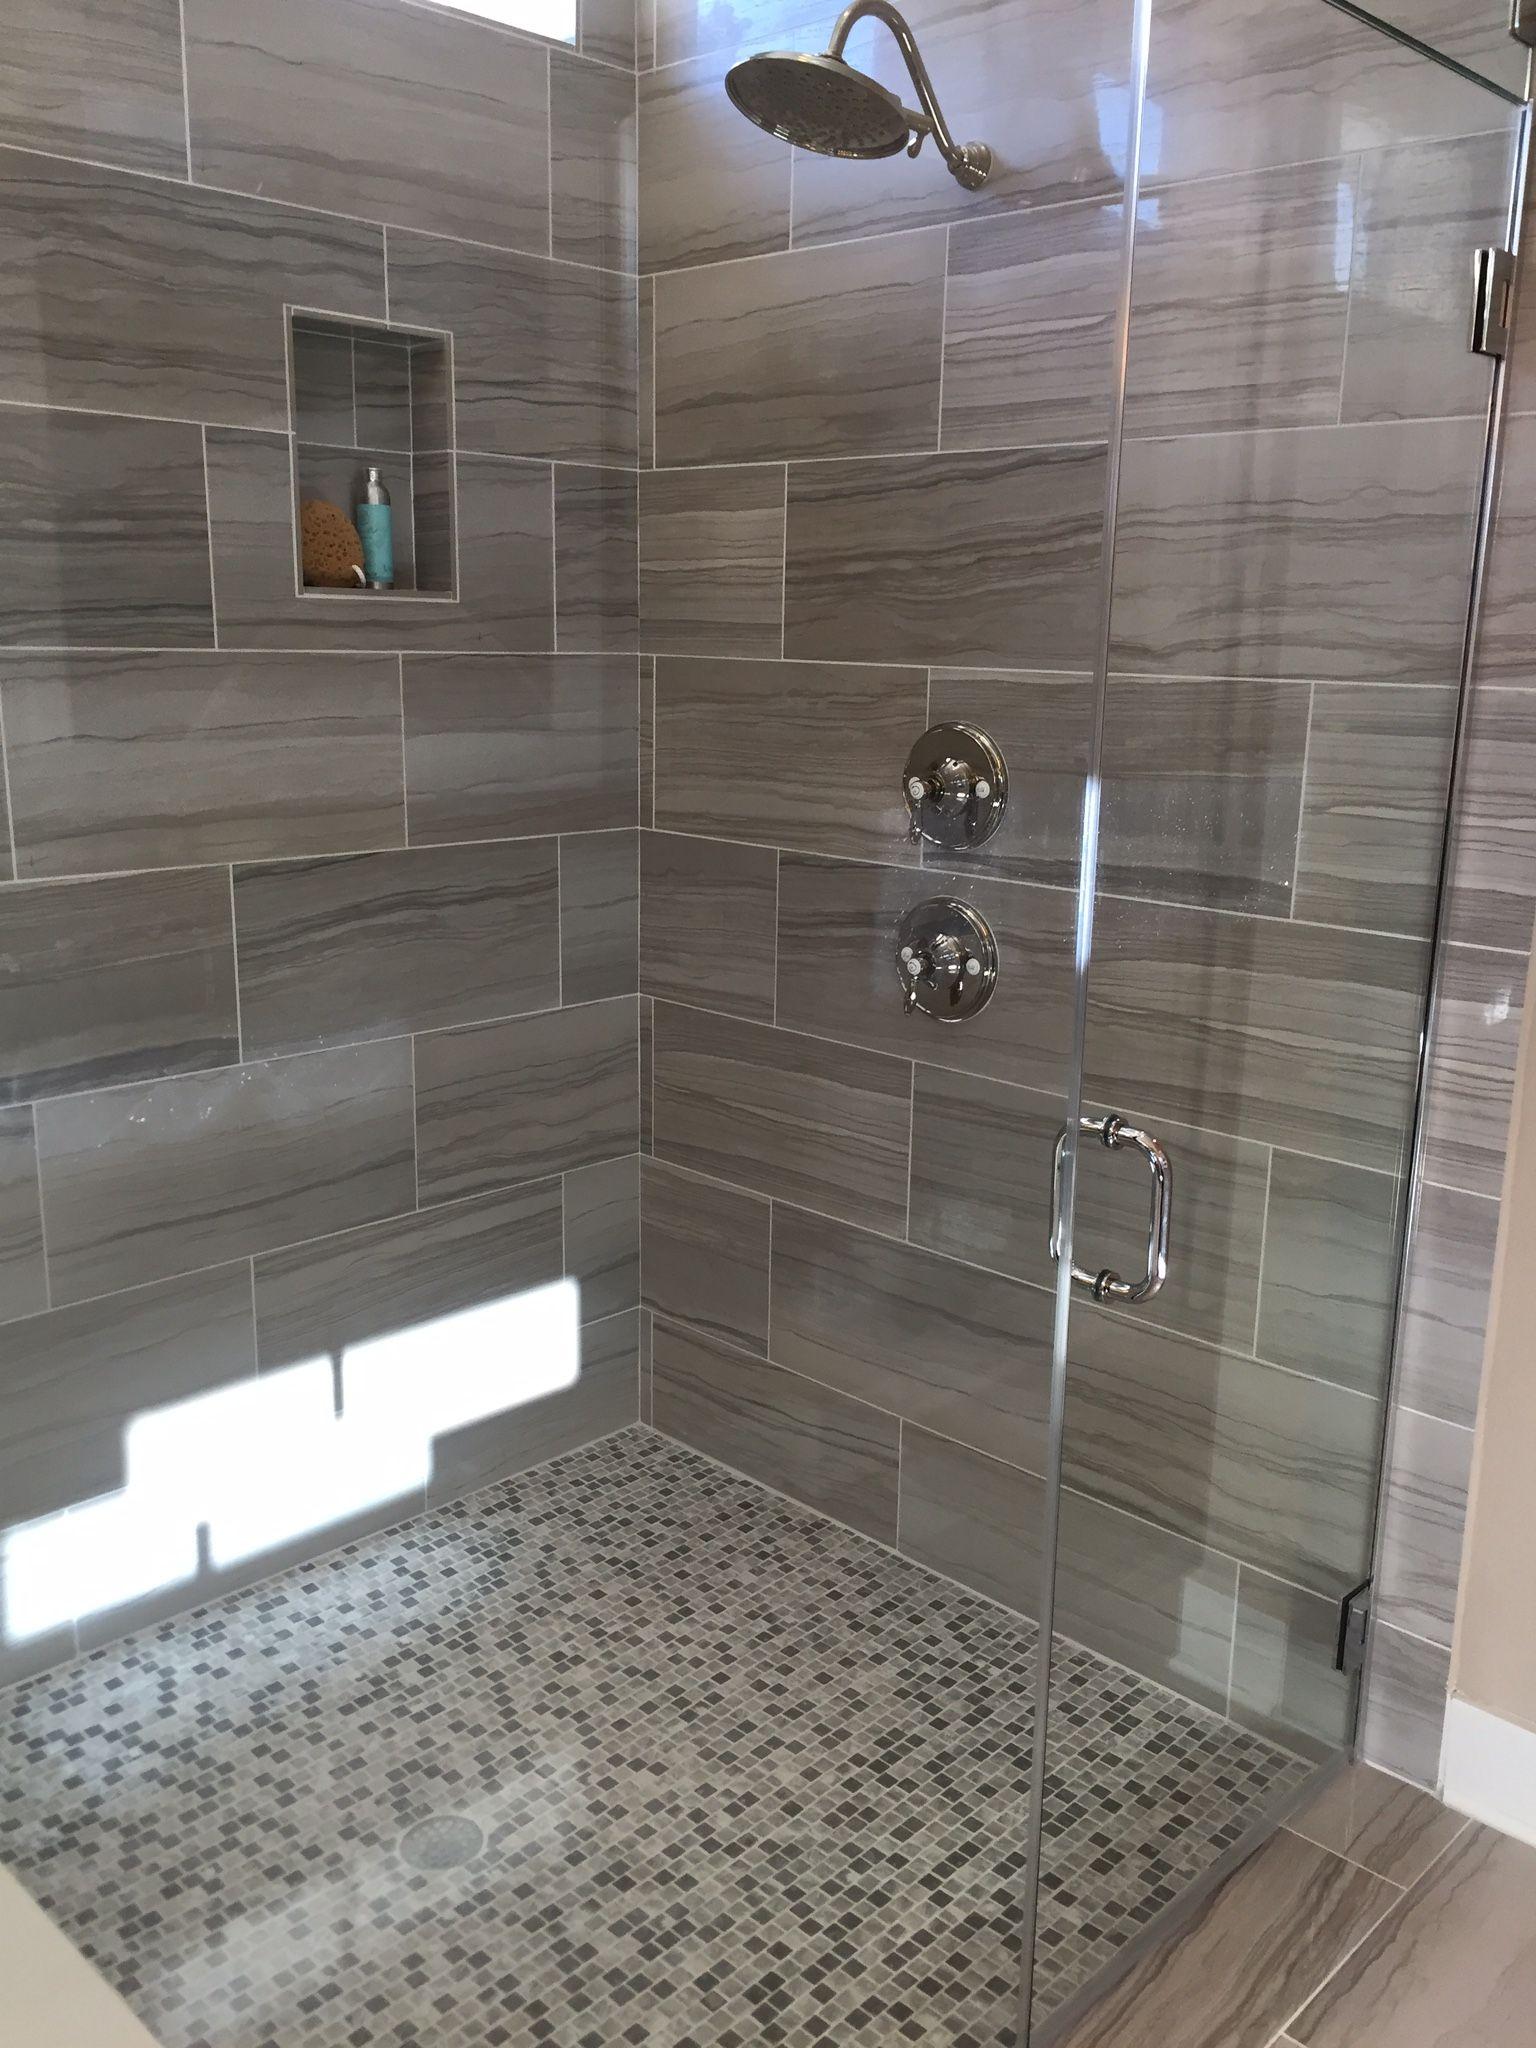 0173052027 Halim Tukaang Paip Tukang Ubahsuai Bilik Air Area Rawang Bathroom Remodel Shower Bathrooms Remodel Bathroom Design